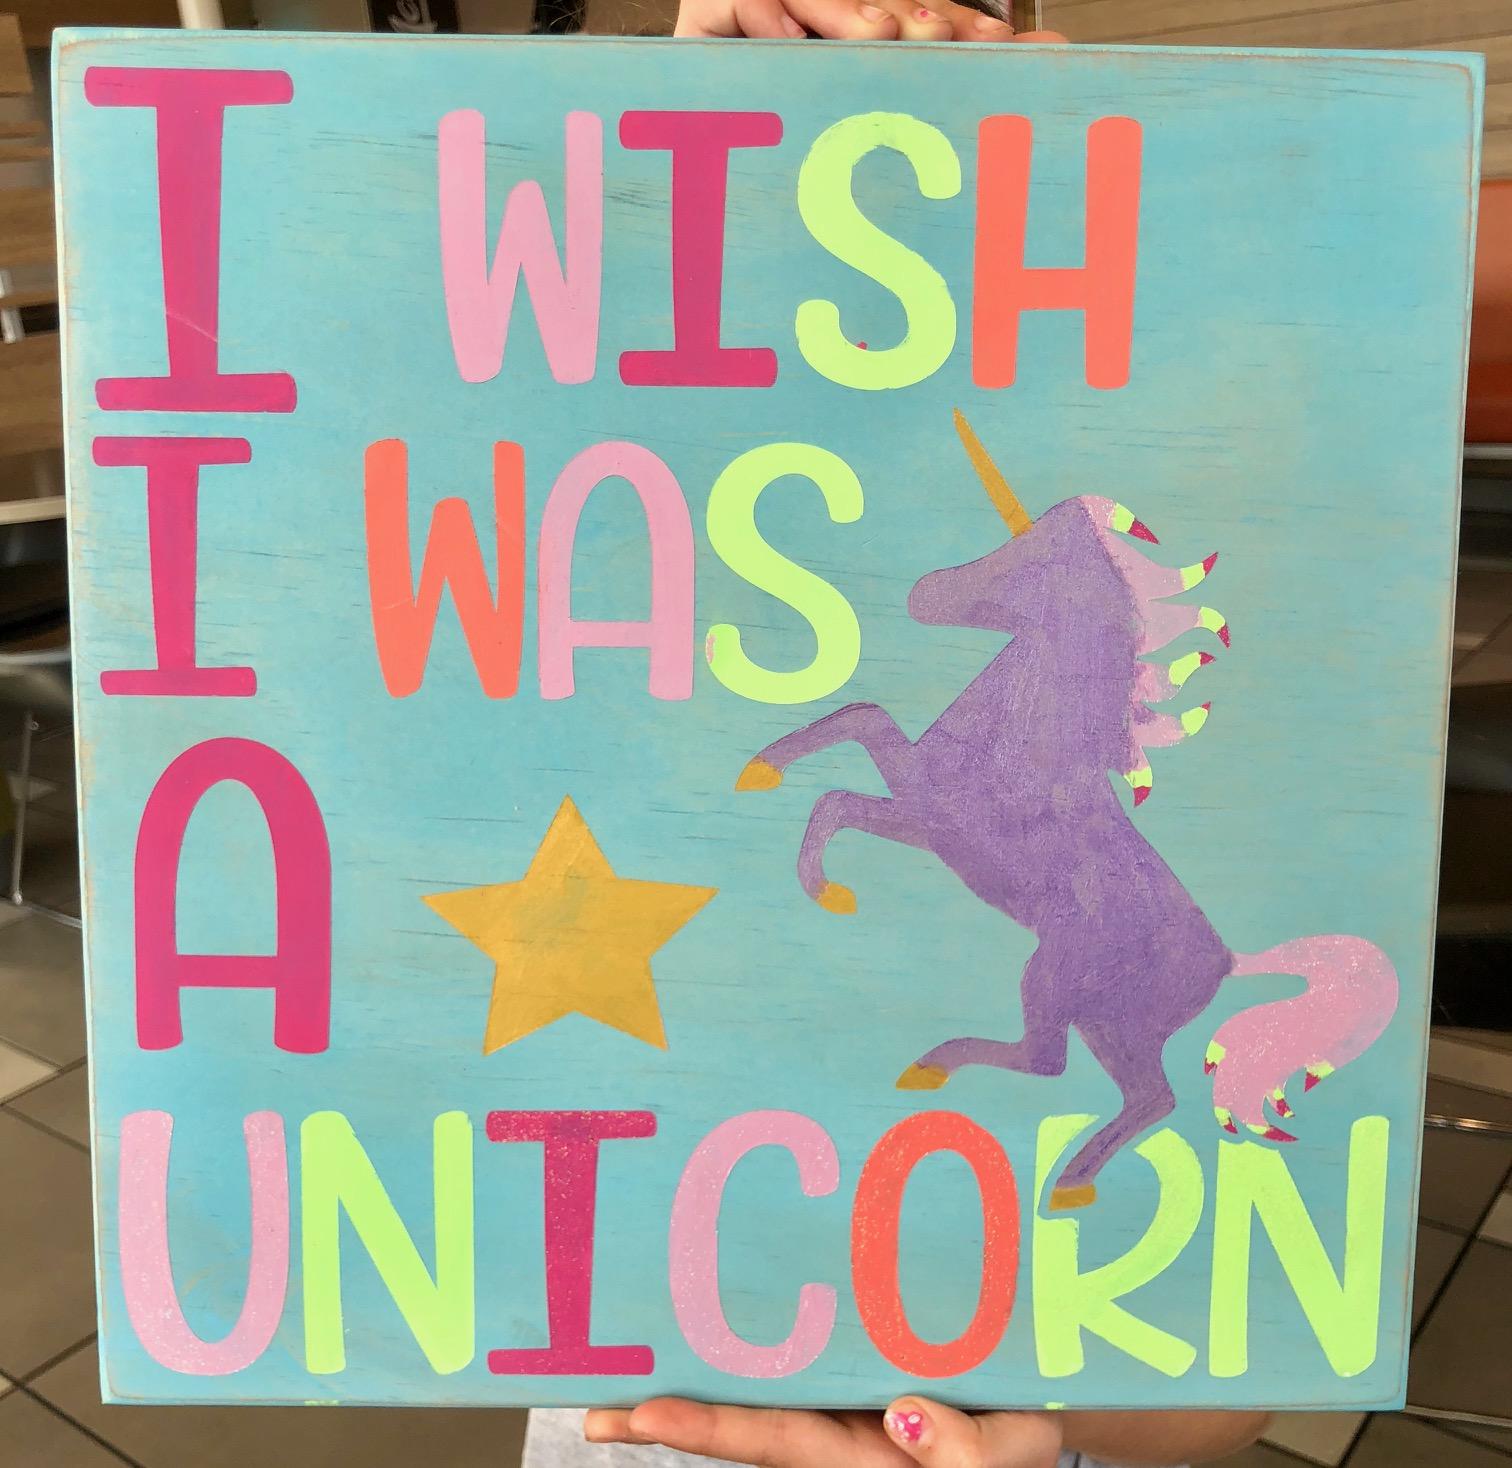 I Wish I Was A Unicorn.jpg